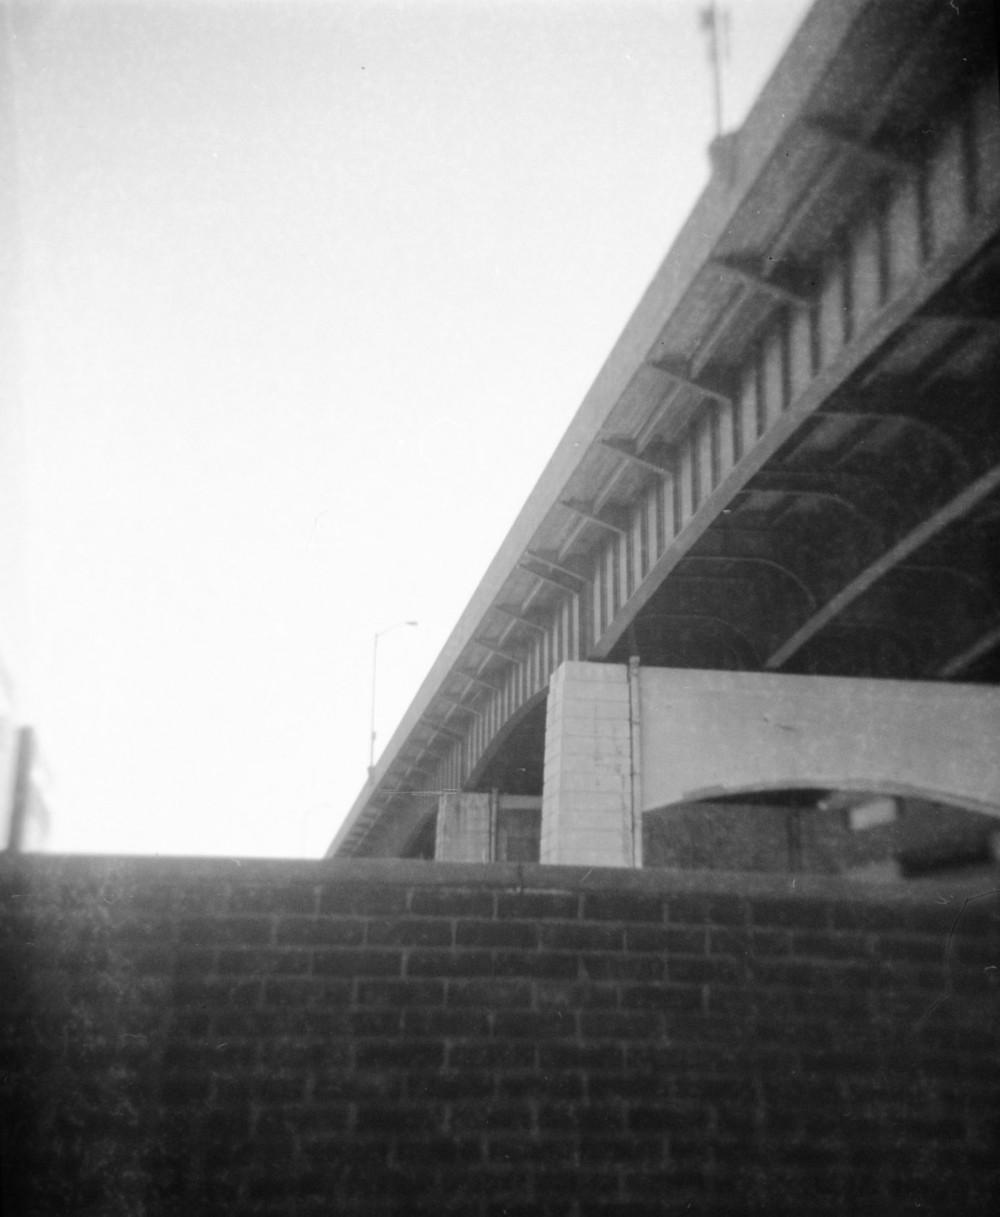 bridge_over_bath_street.jpg